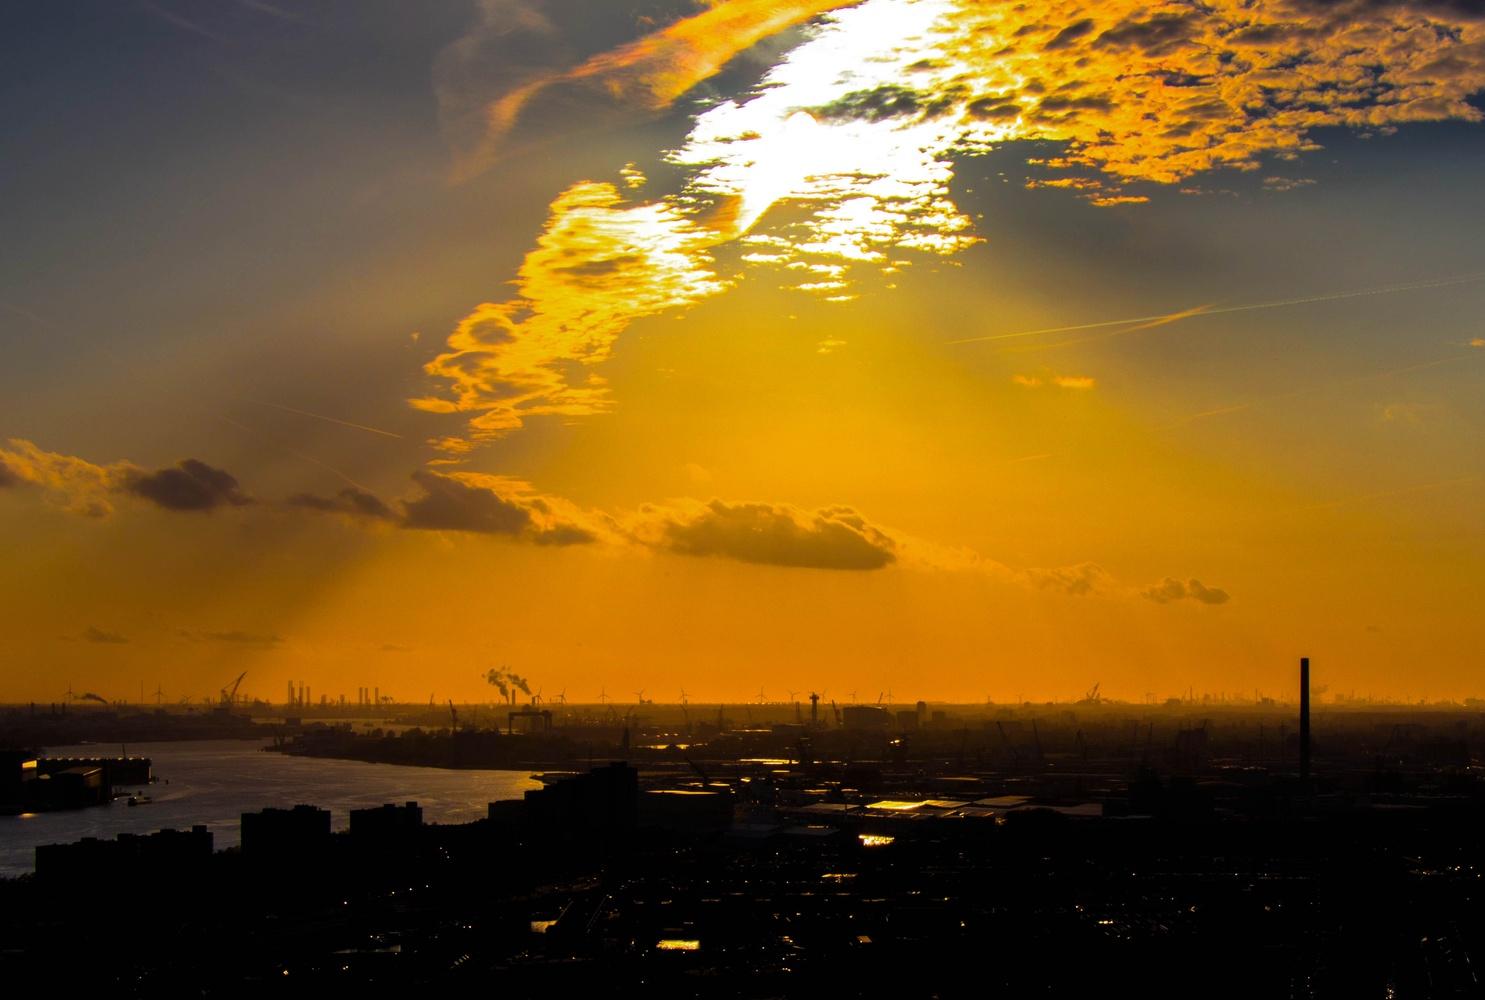 Sunset over Rotterdam by Stijn de Heus